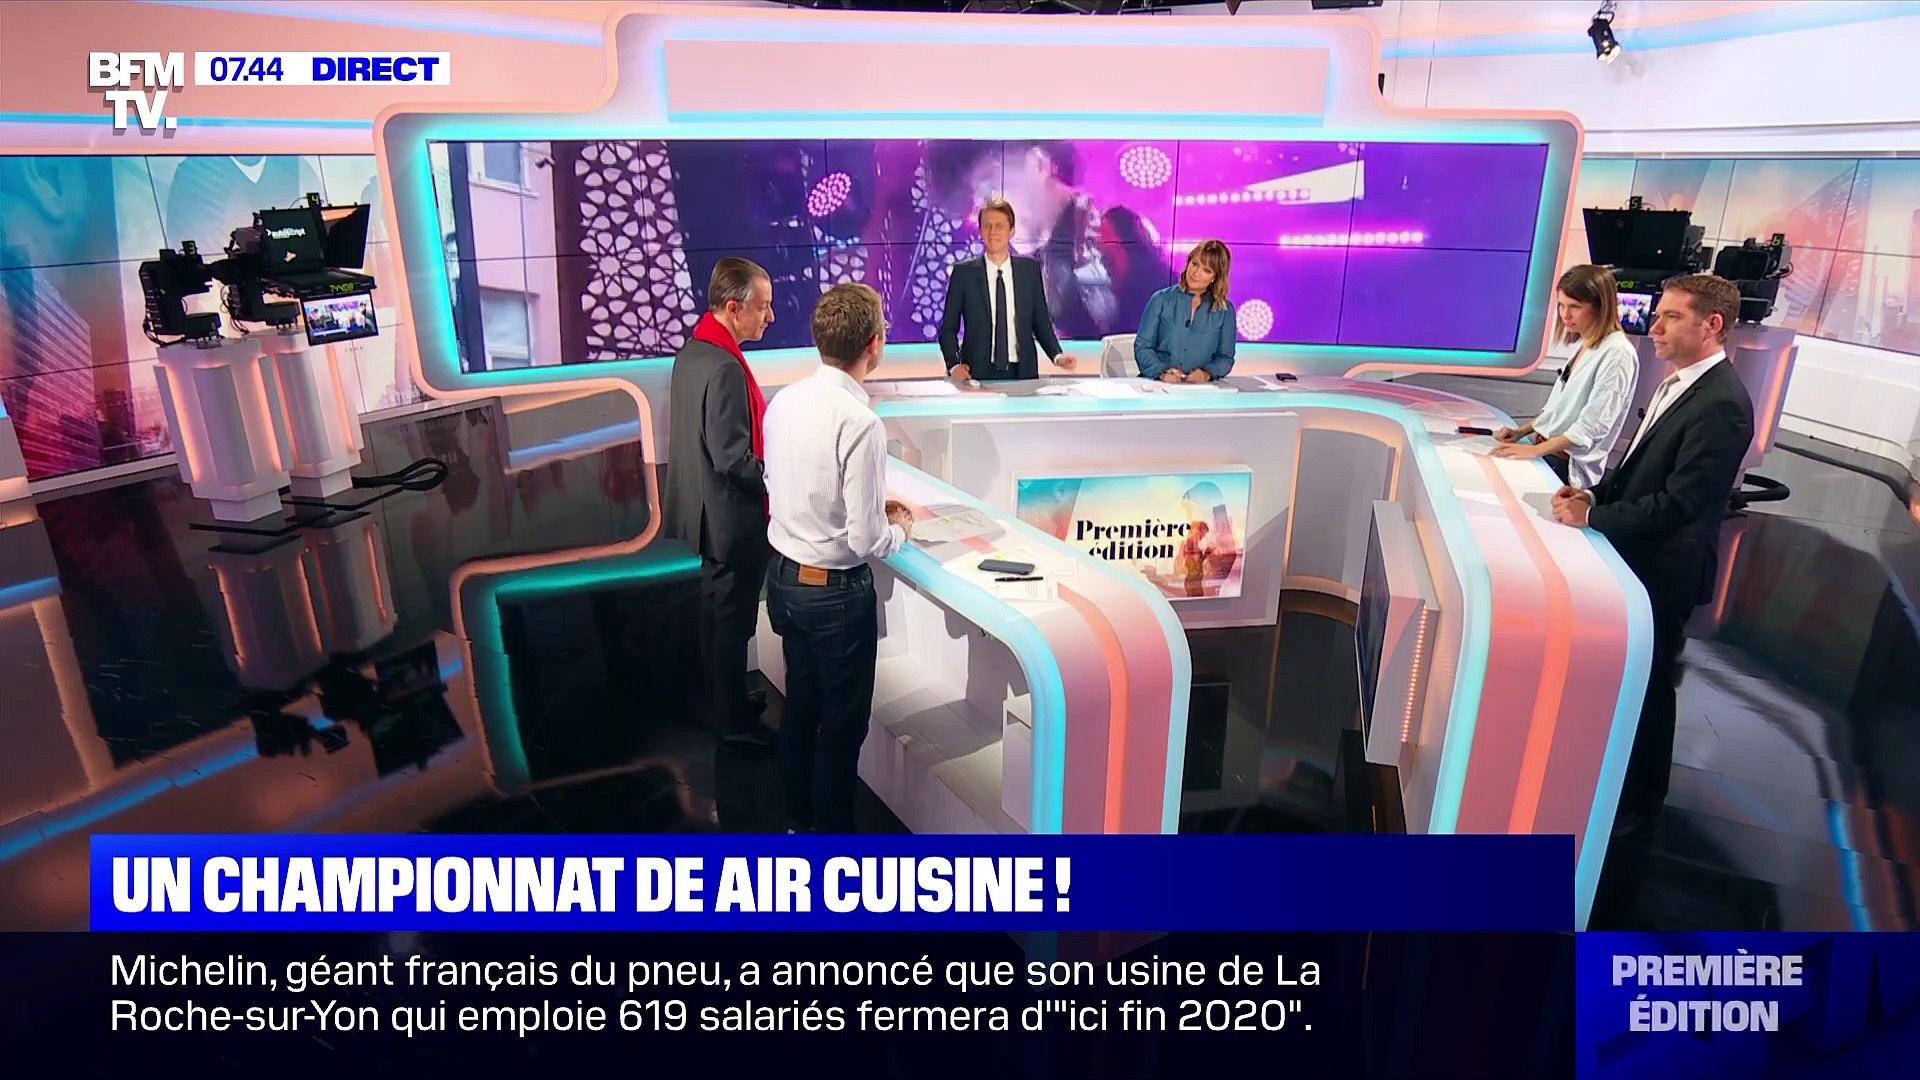 Cuisine Direct D Usine un championnat de air cuisine ! - 11/10